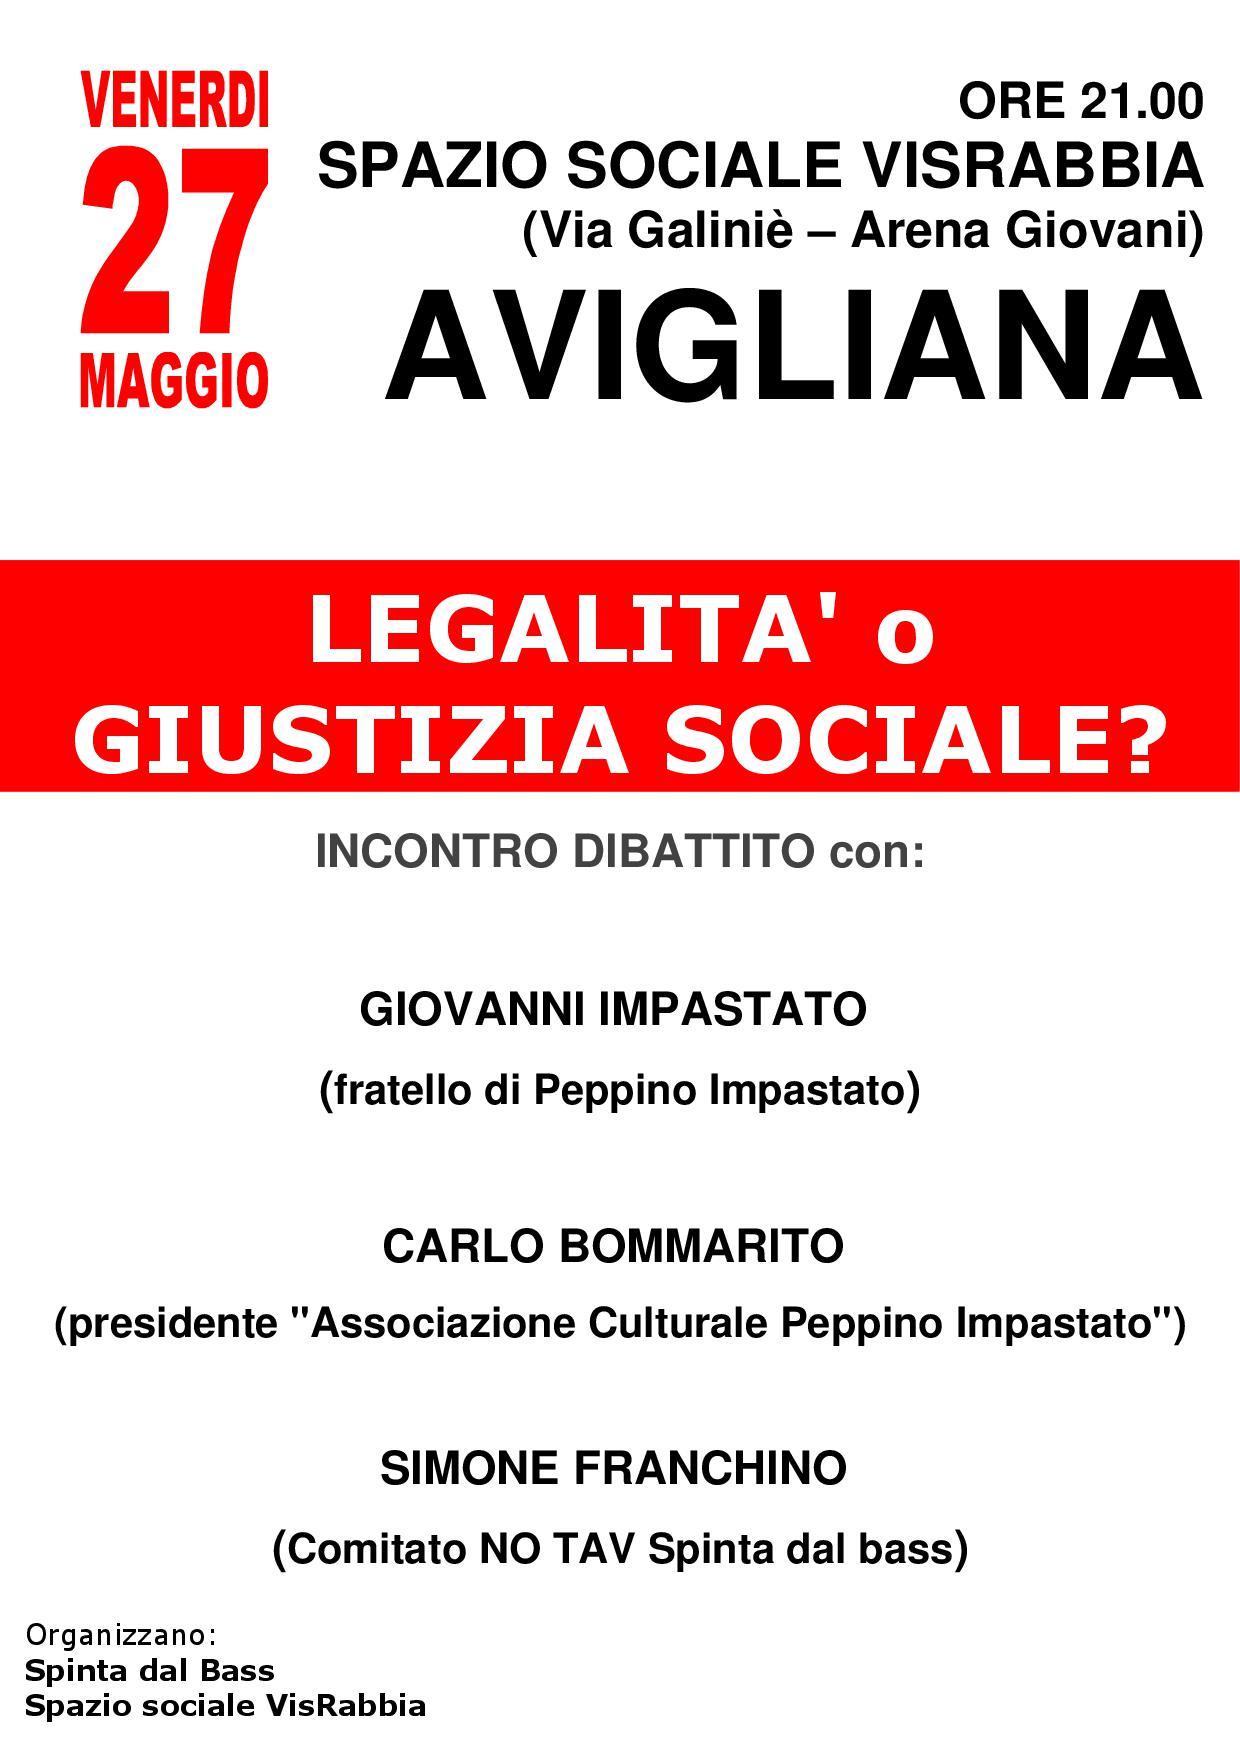 Legalità o giustizia sociale 27-5-2016